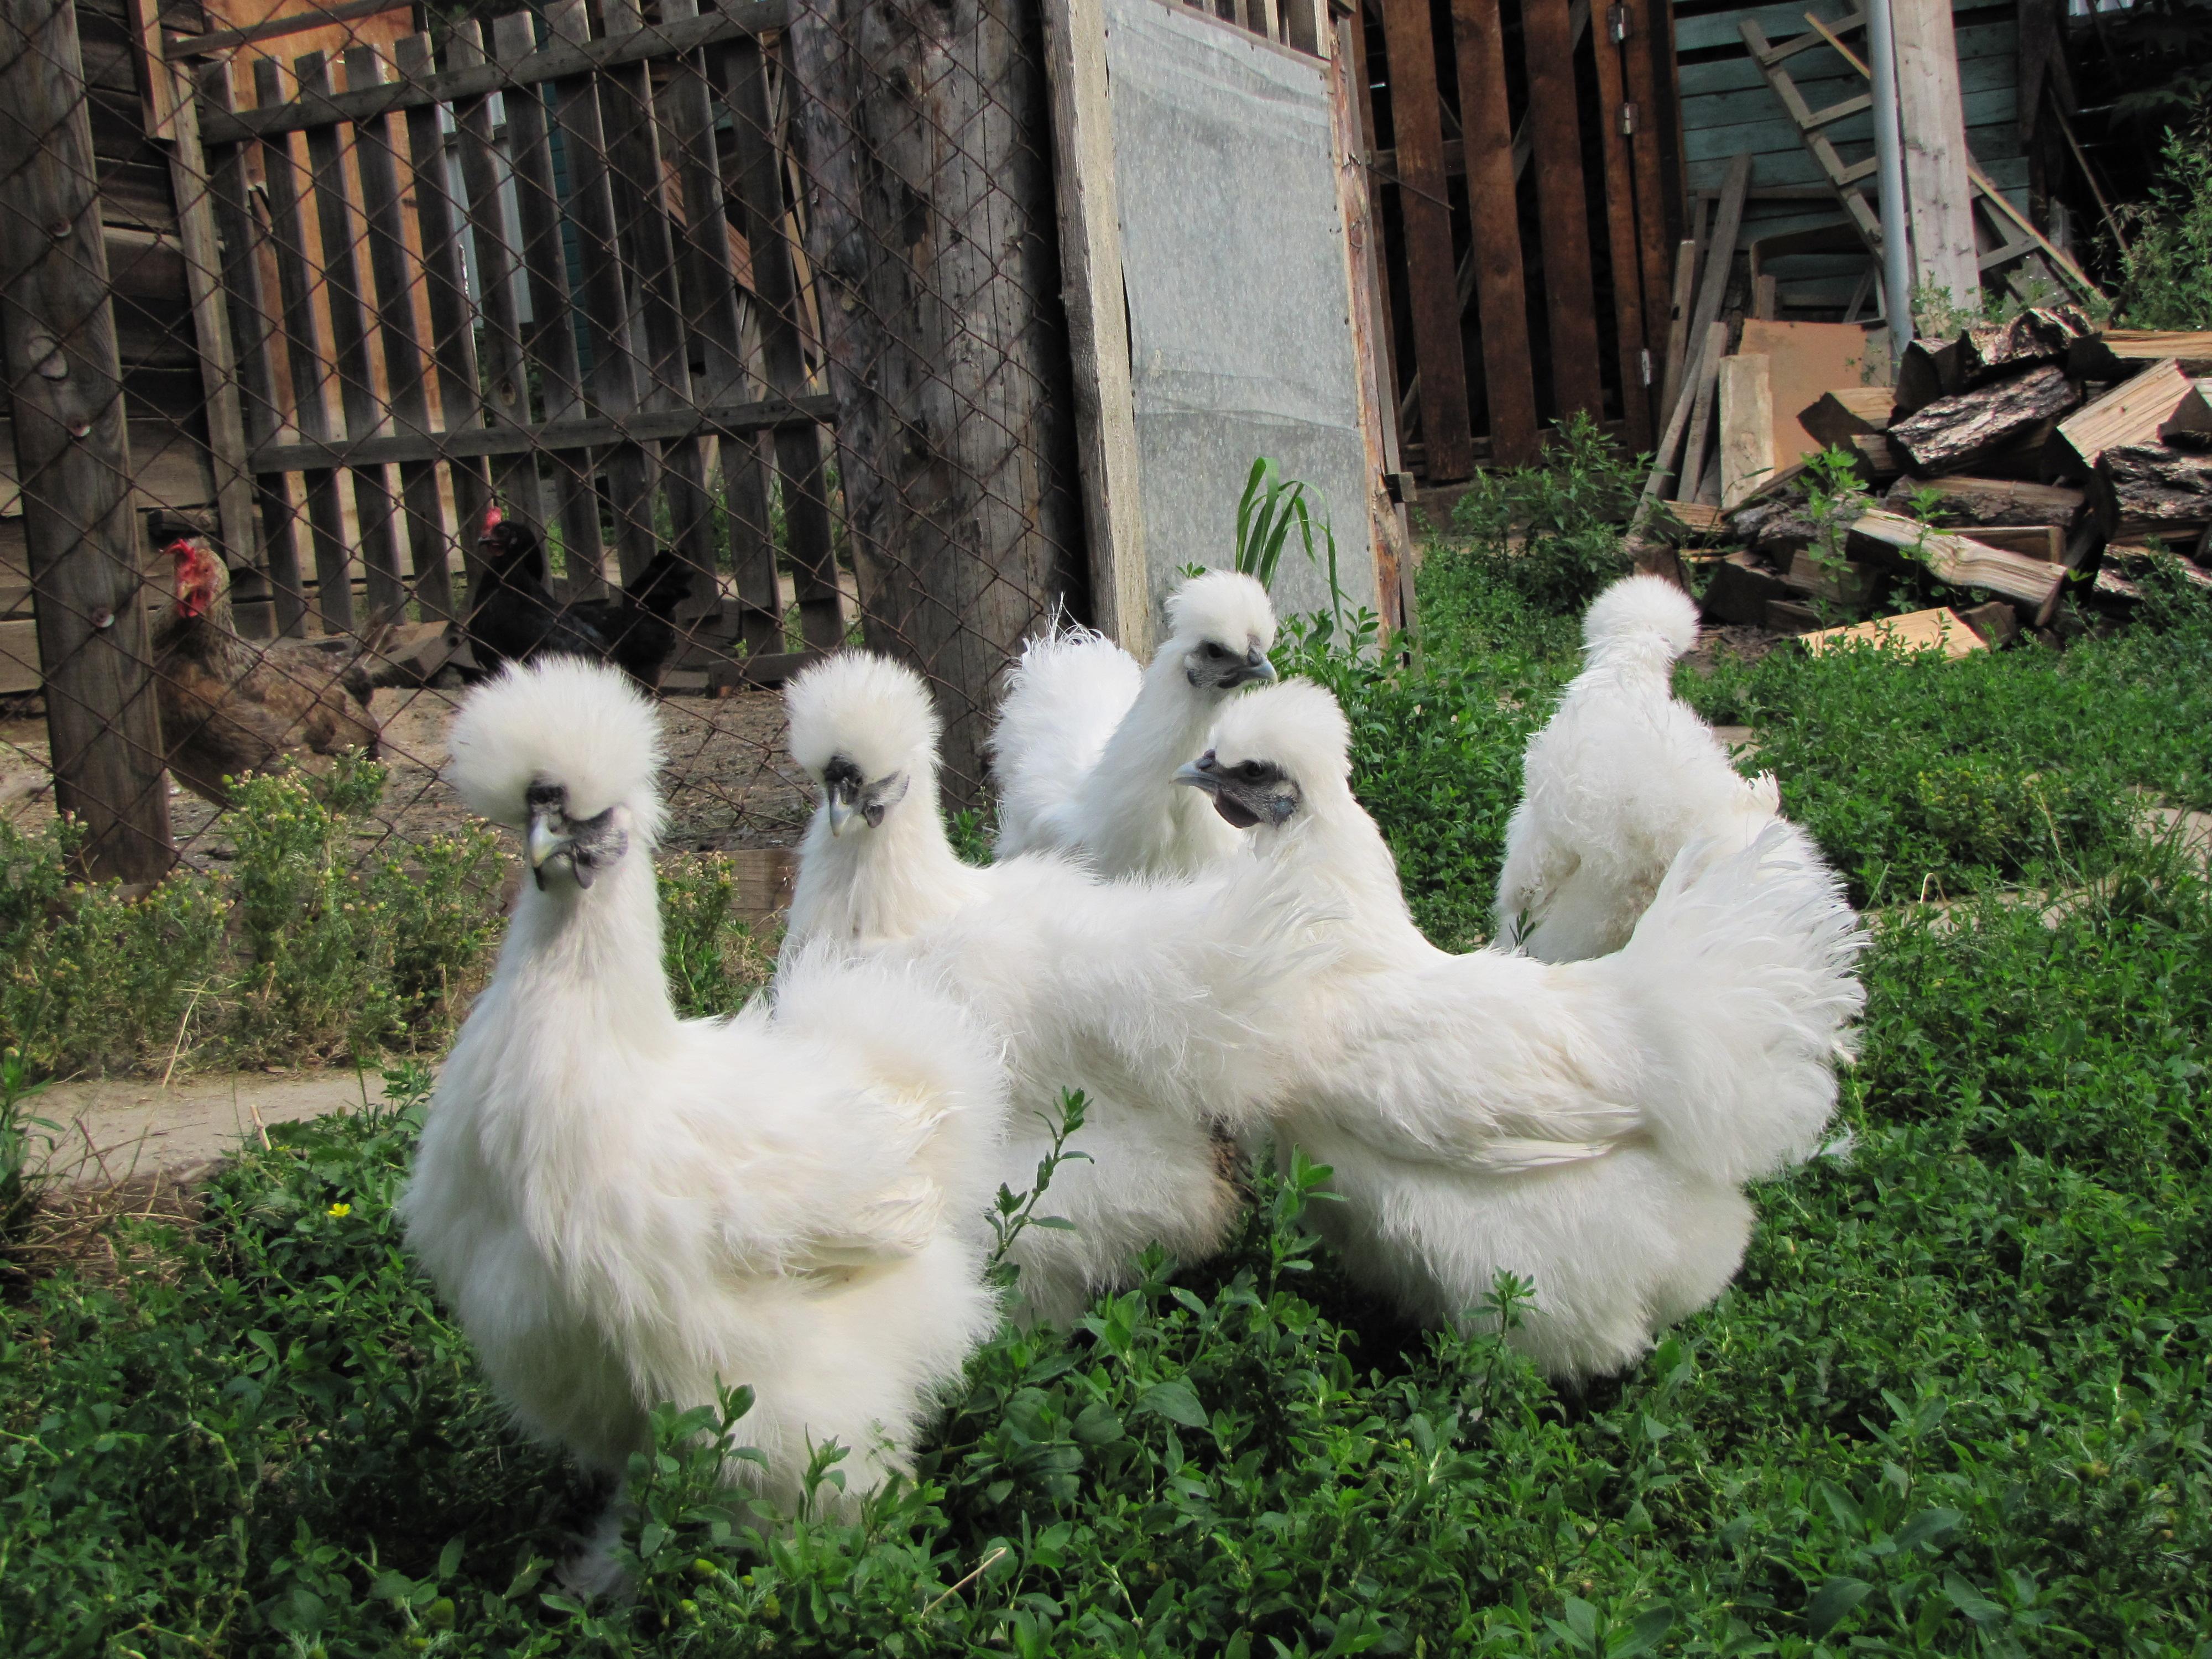 Описание, выращивание и размножение кур китайских шелковых